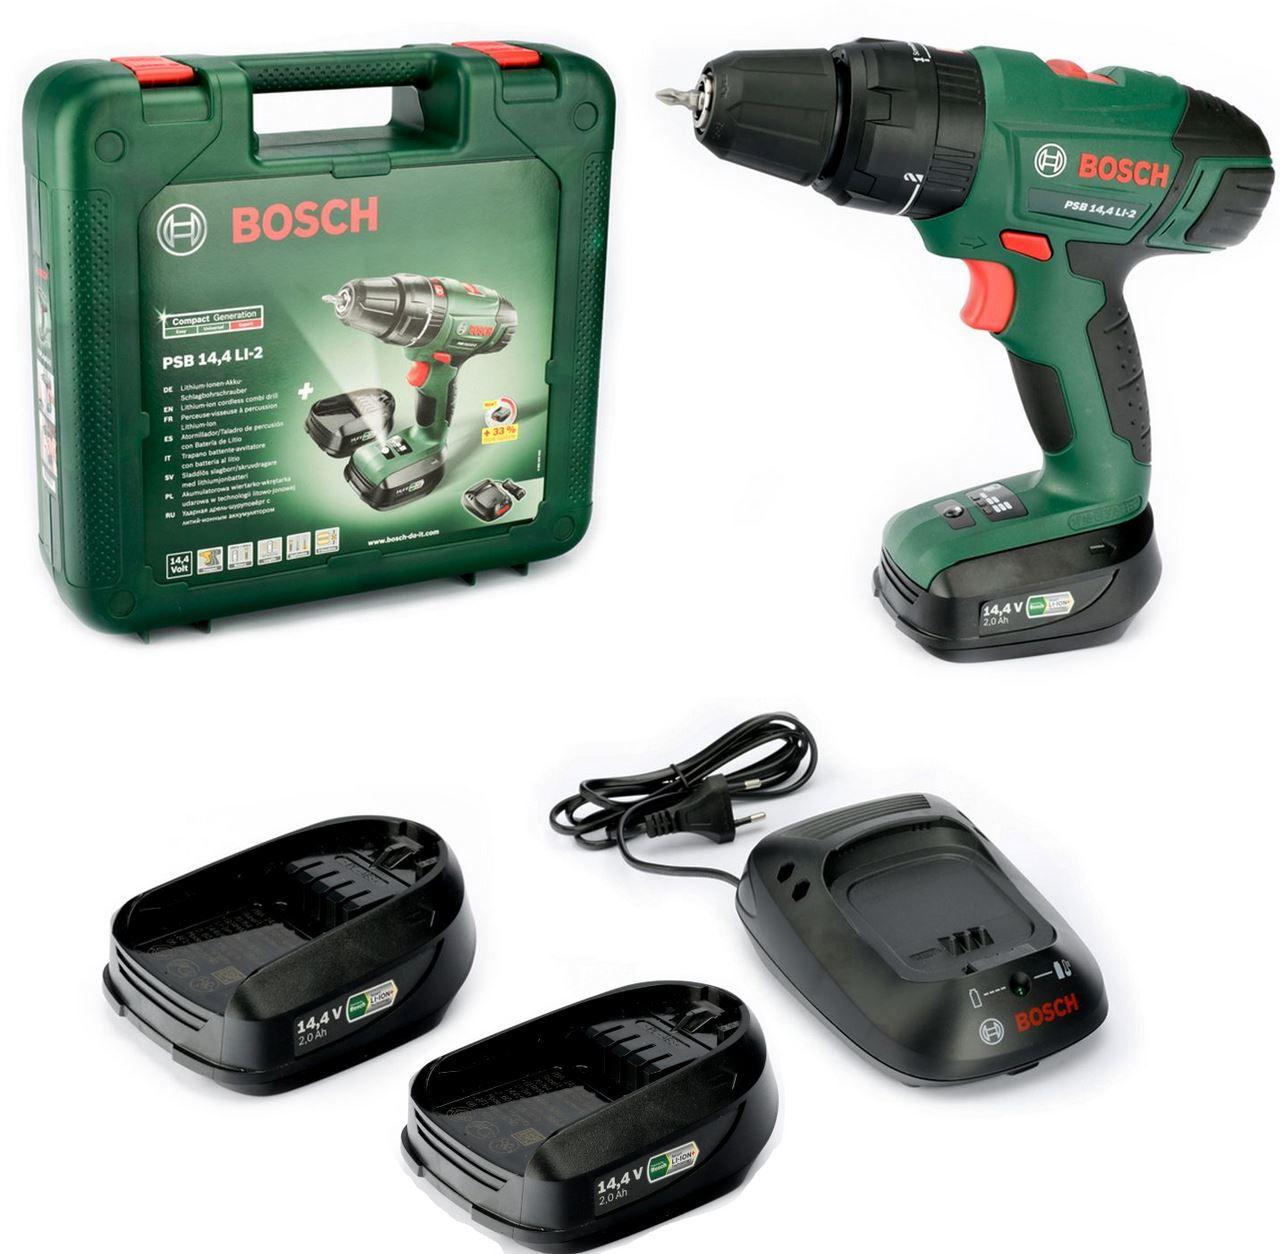 Bosch PSB 14,4 LI 2 Schlagbohrmaschine mit 2 Akkus 1,5 Ah + 1 x 2Ah Akku für 111€ (statt 155€)